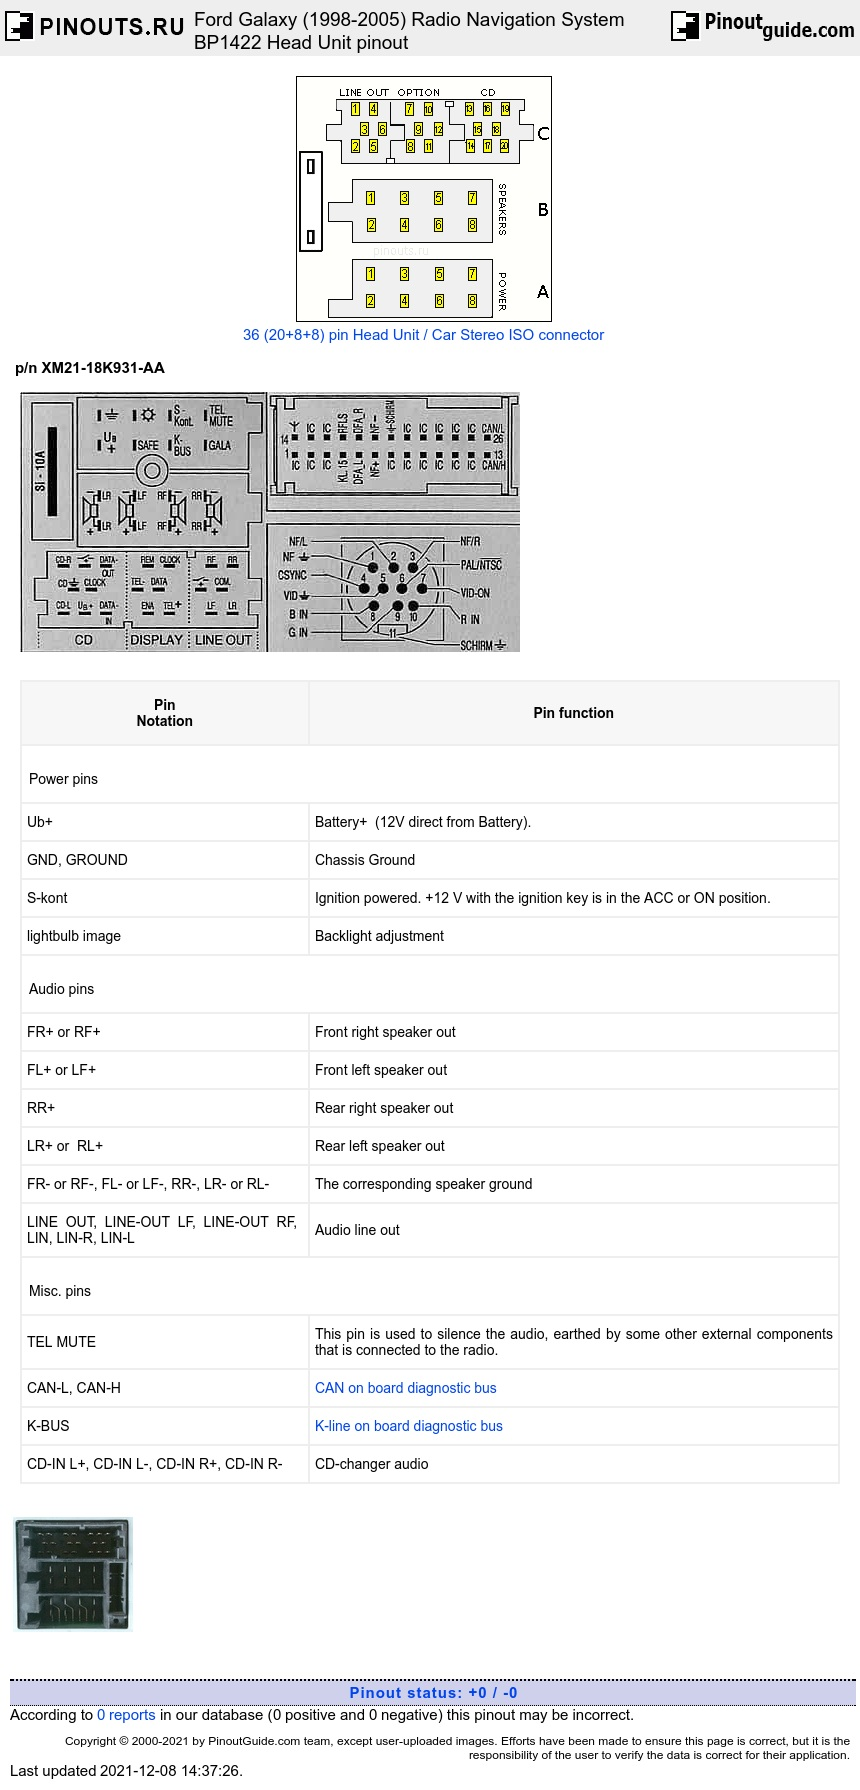 medium resolution of ford radio navigation system bp1422 diagram